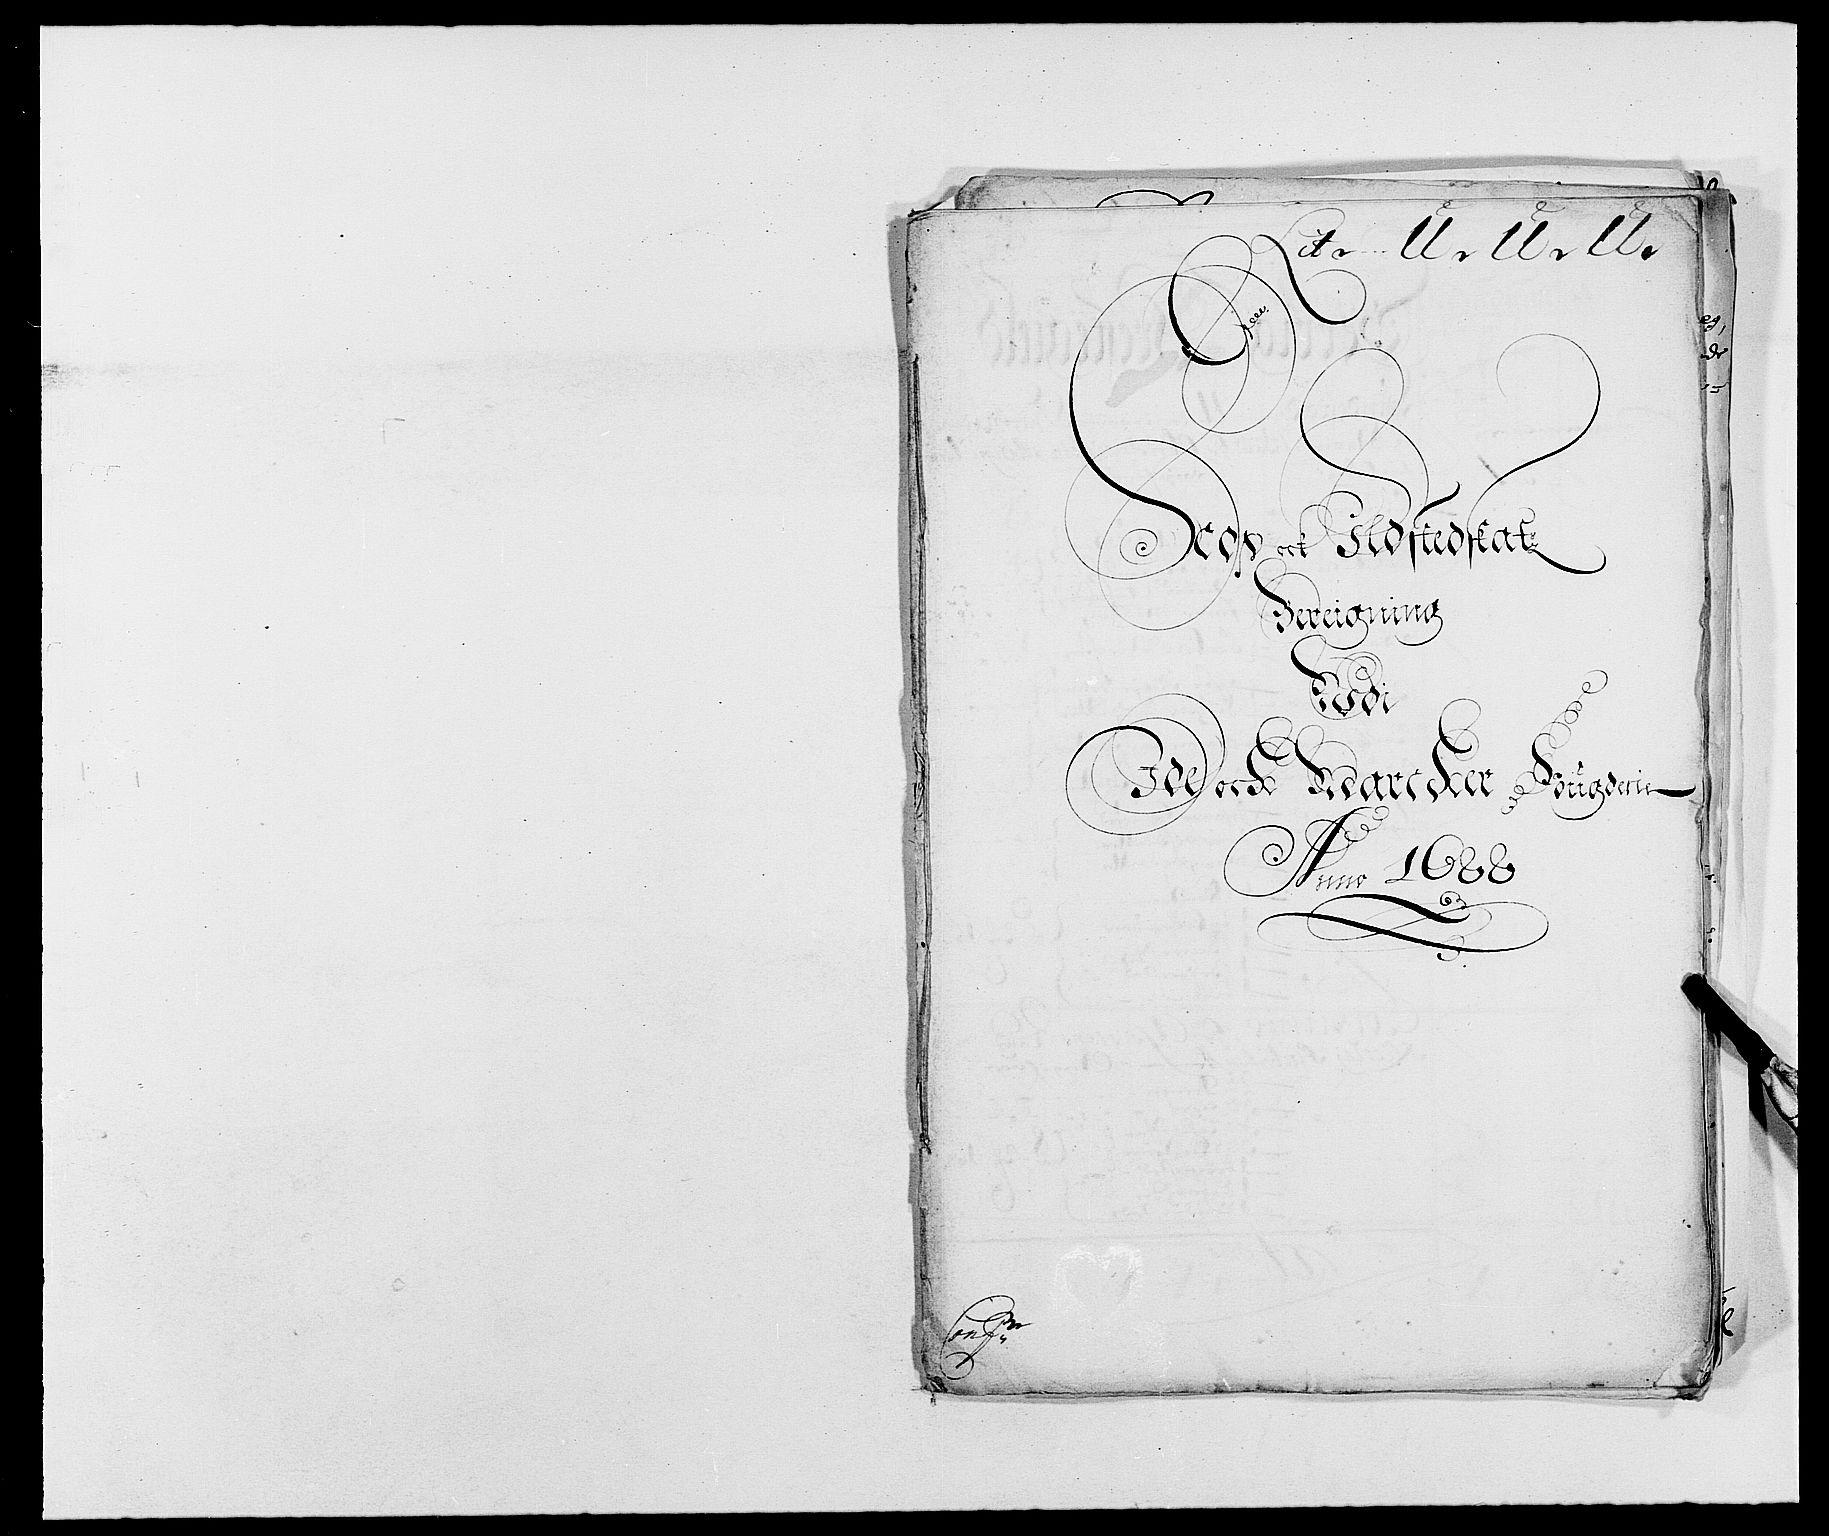 RA, Rentekammeret inntil 1814, Reviderte regnskaper, Fogderegnskap, R01/L0007: Fogderegnskap Idd og Marker, 1687-1688, s. 328